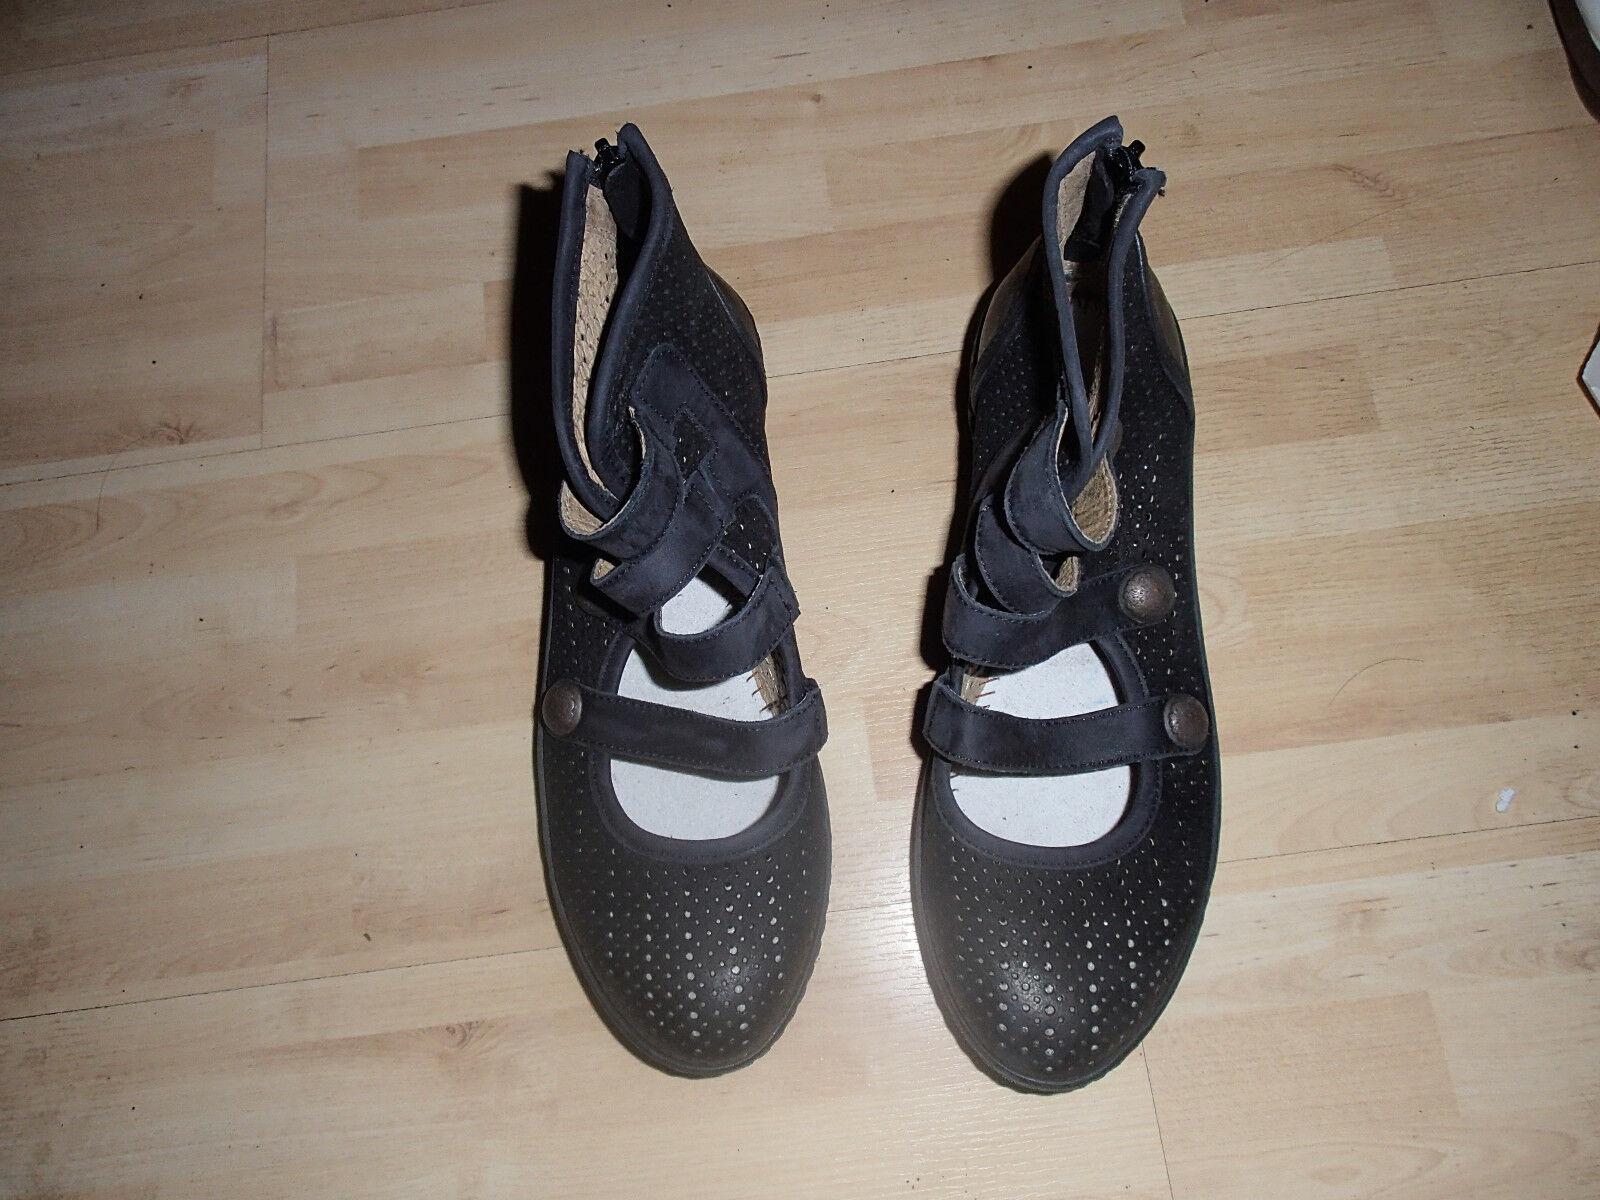 und 39 in Dkode schöne Sehr in Schuhe schwarz e2075igvv41334